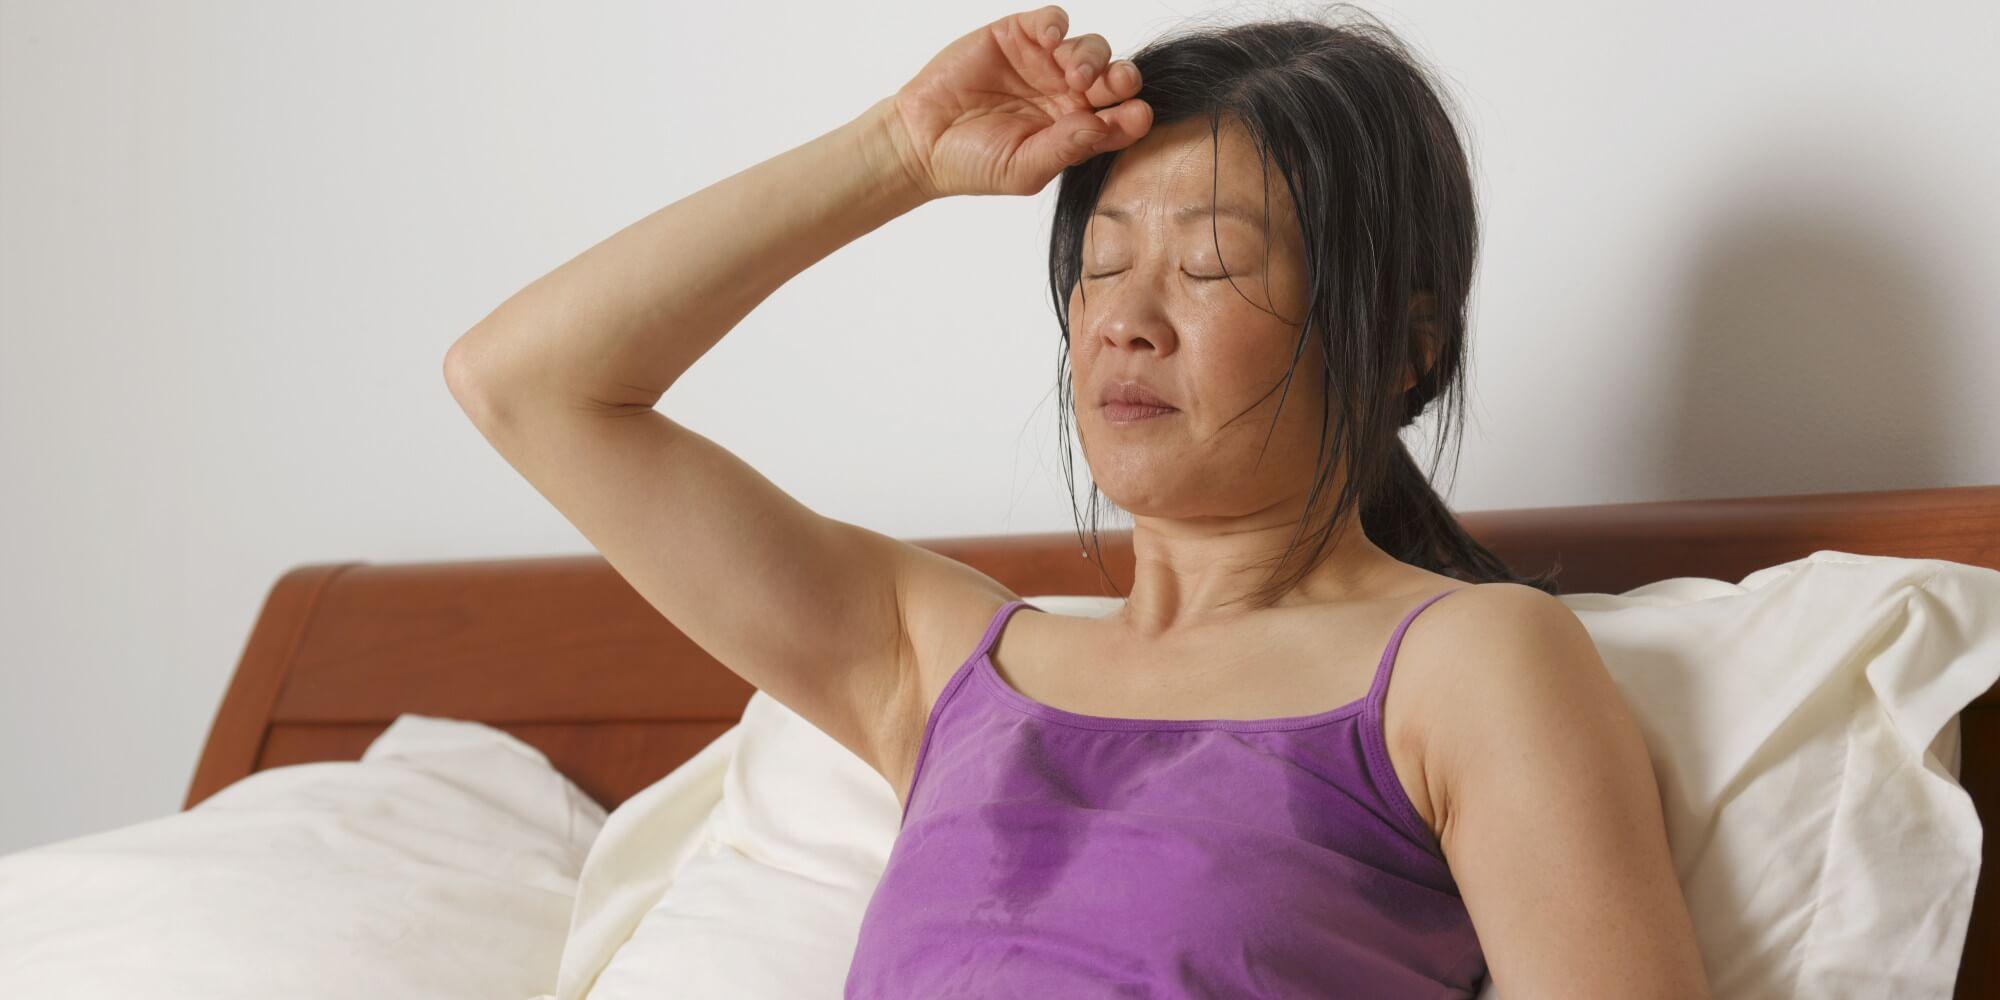 Избыточная потливость требует проведения УЗИ щитовидки